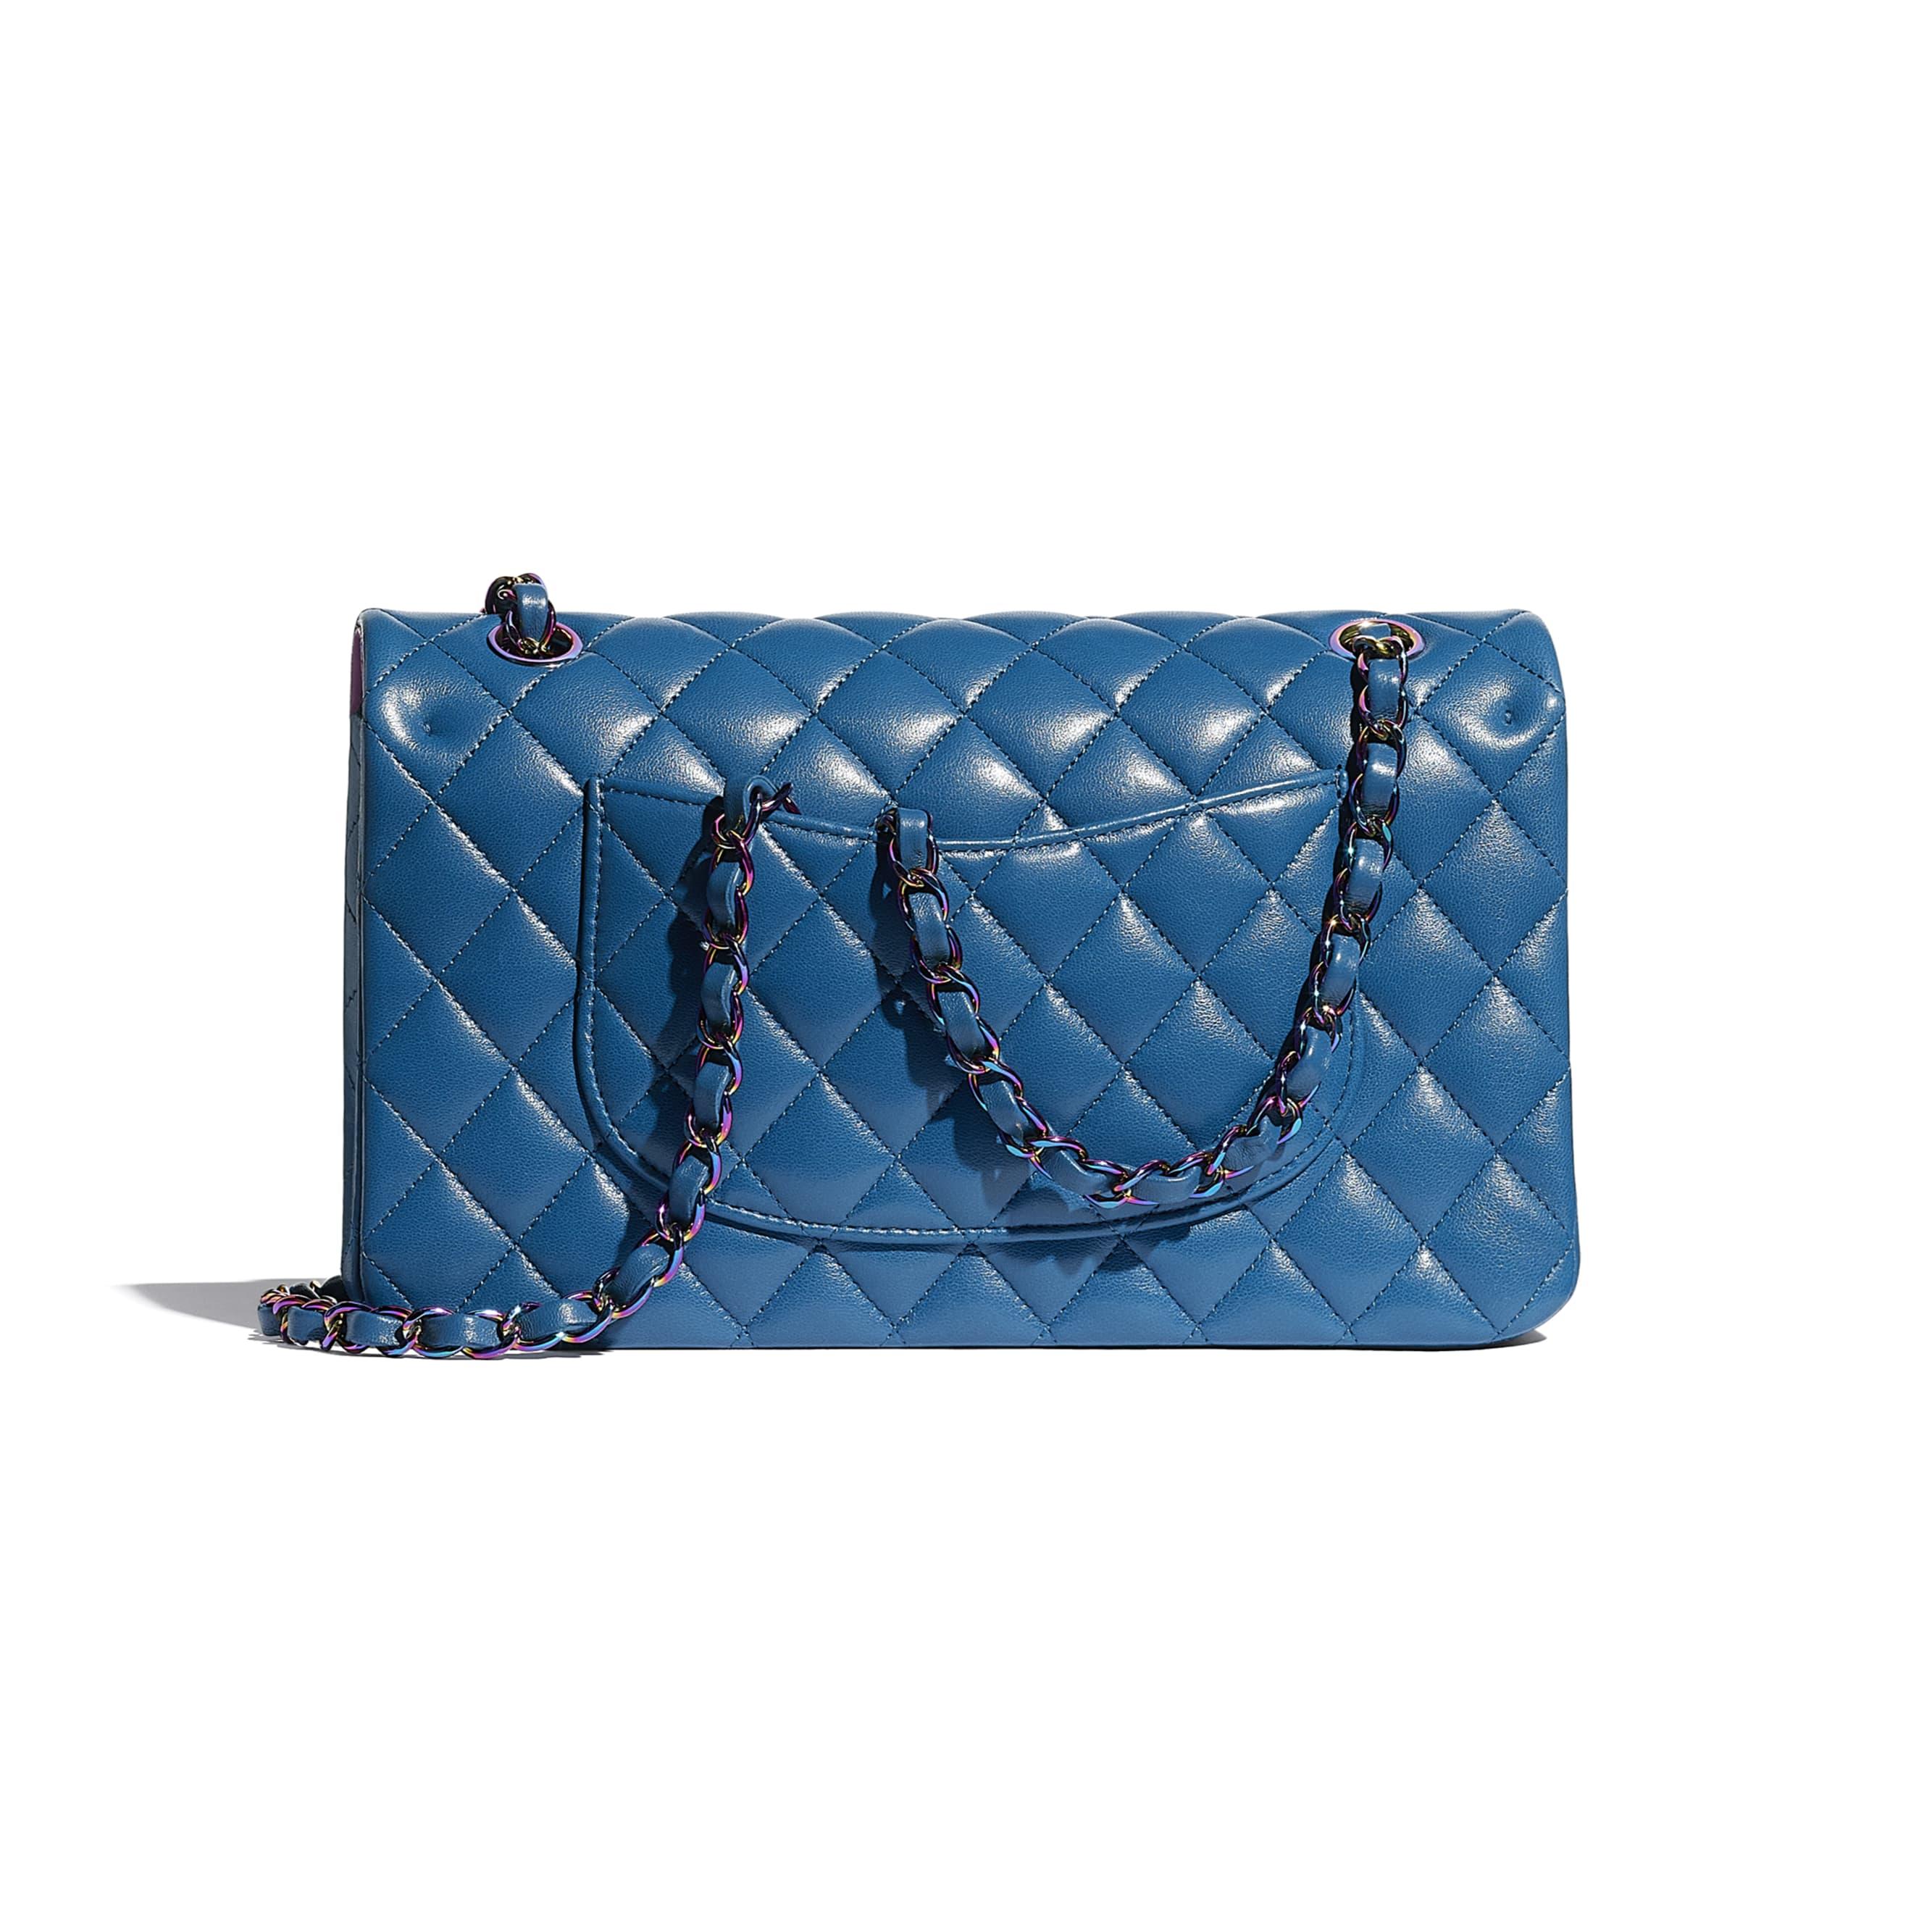 經典款手袋 - 藍色 - 小羊皮及幻彩色金屬 - CHANEL - 替代視圖 - 查看標準尺寸版本